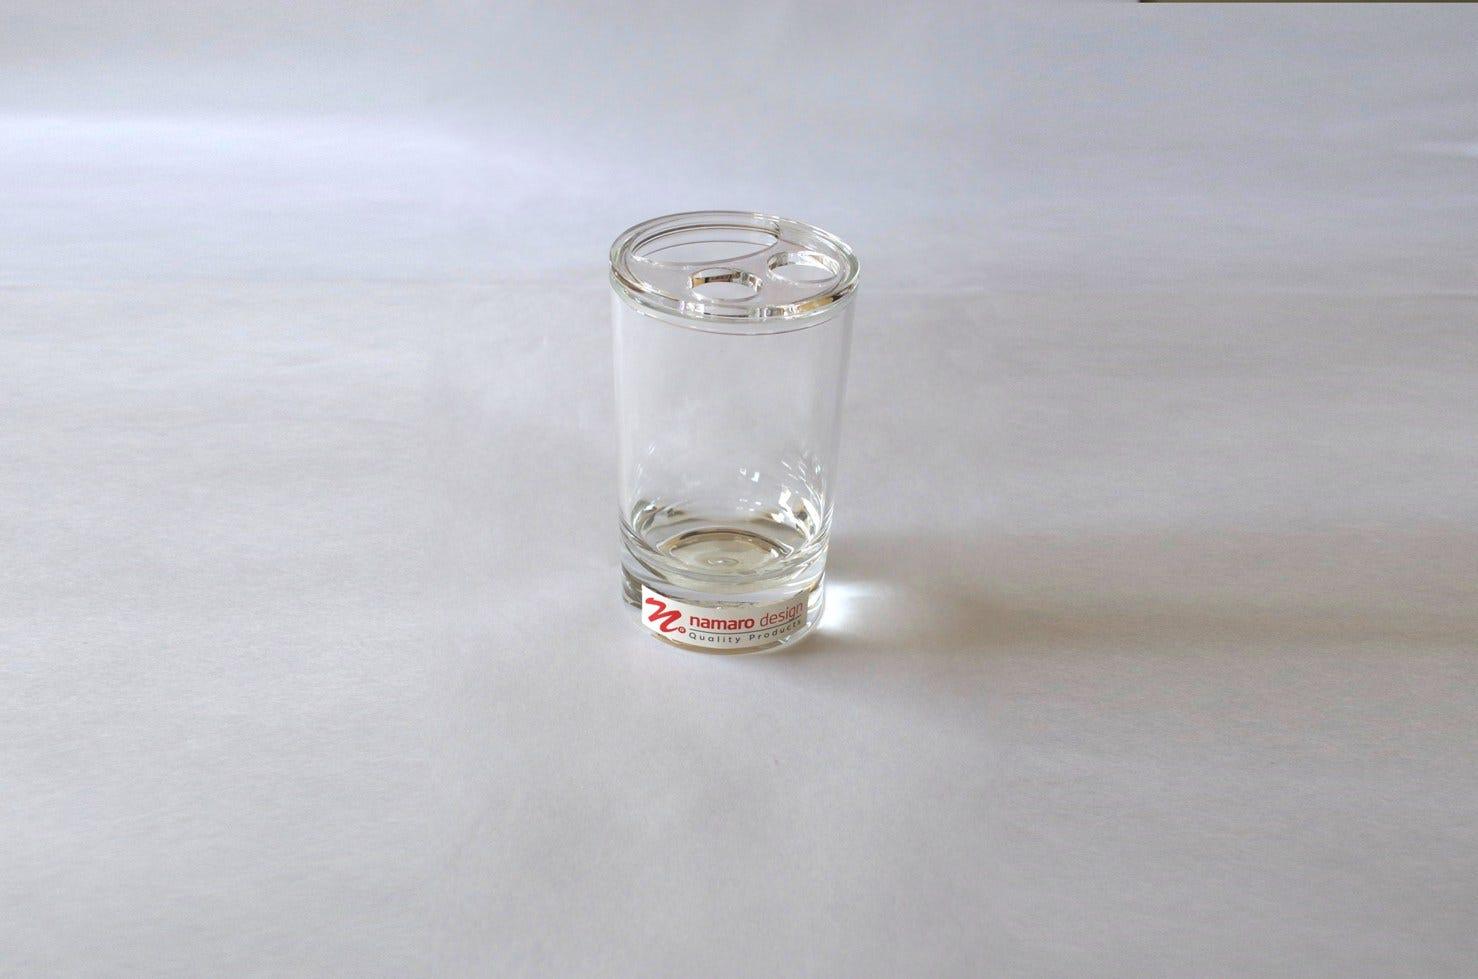 Portacepillos de dientes Namaro Design transparente